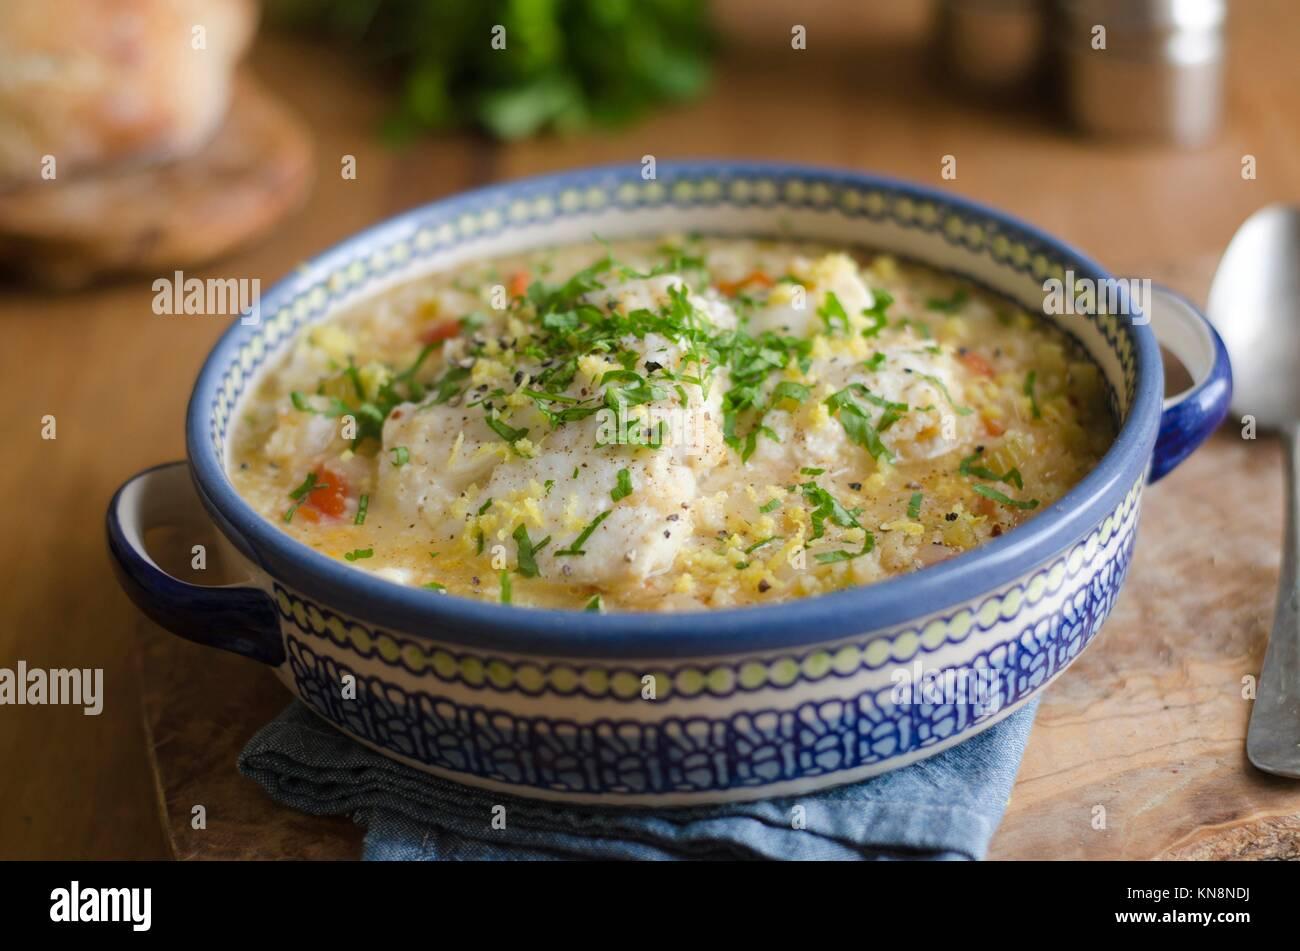 Ragoût de poisson sicilien, le couscous et les tomates. Photo Stock